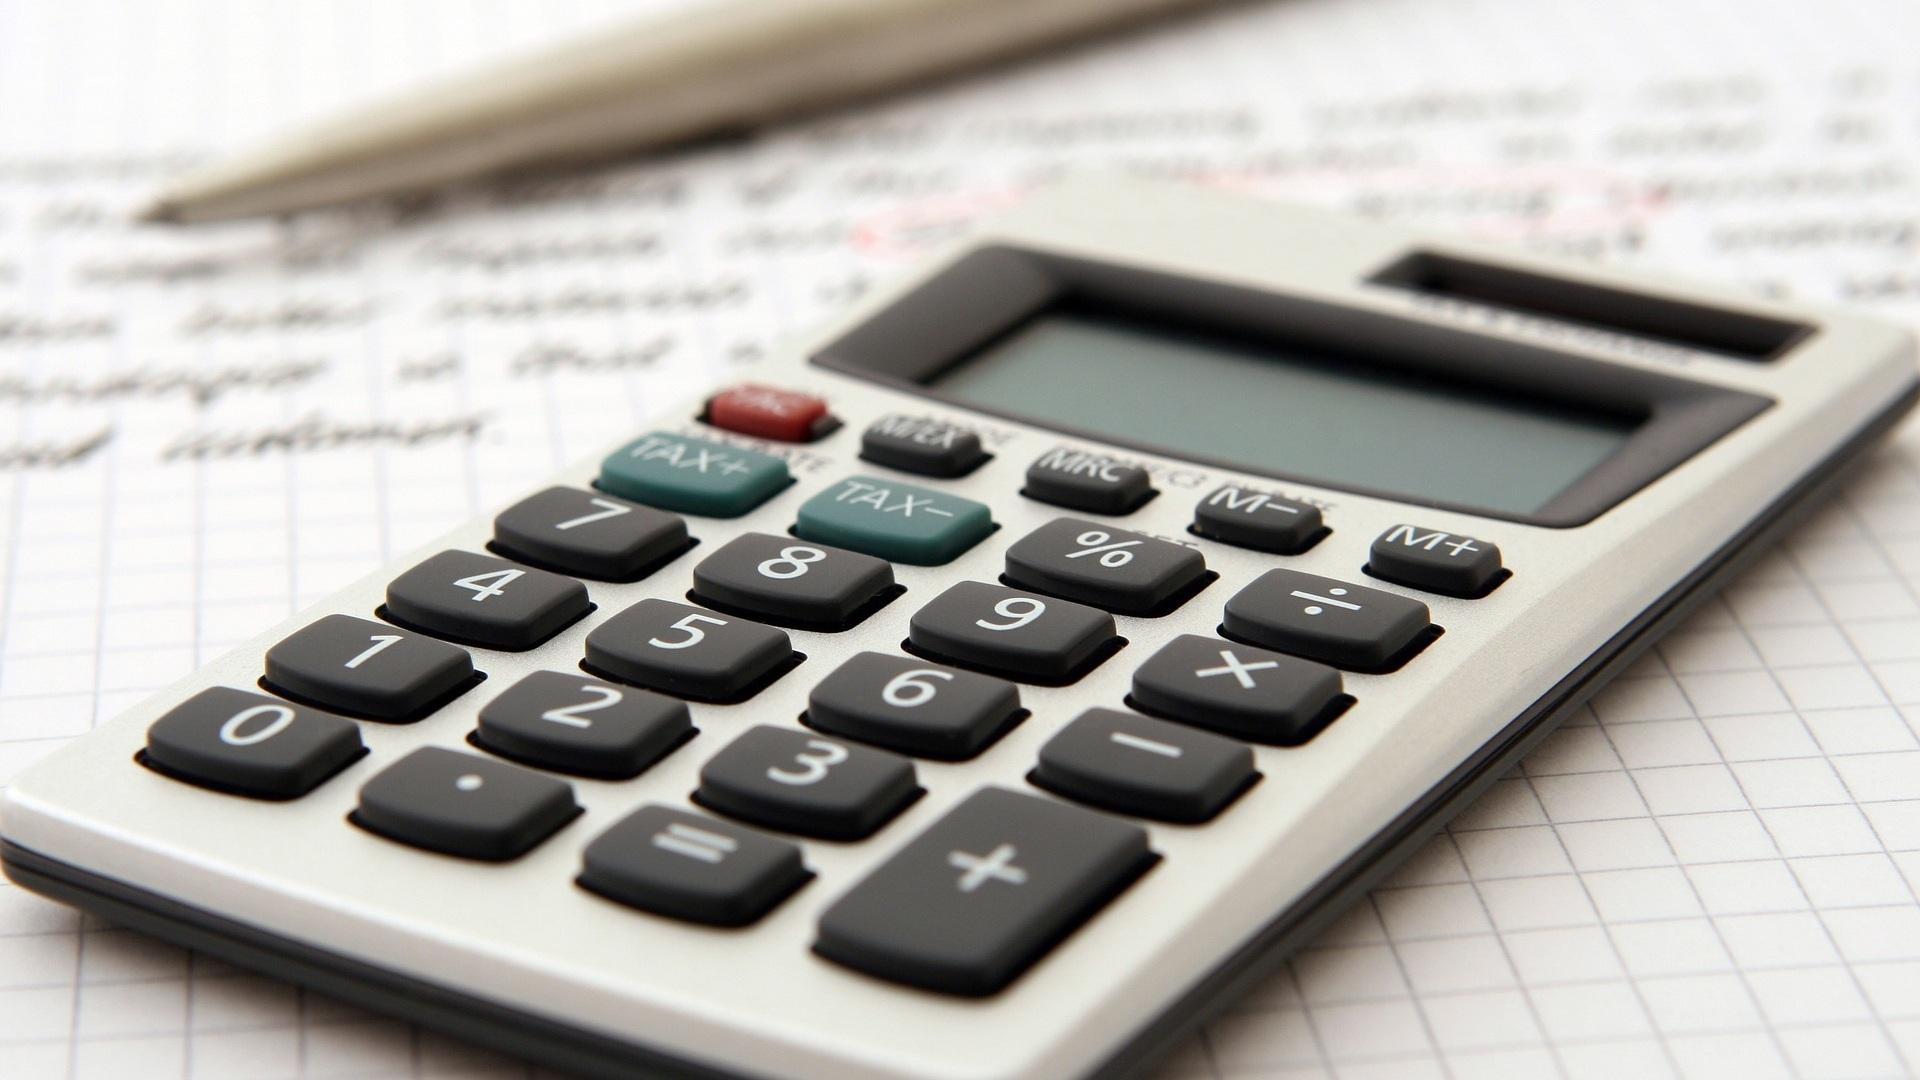 accountant-1238598_1920.jpg